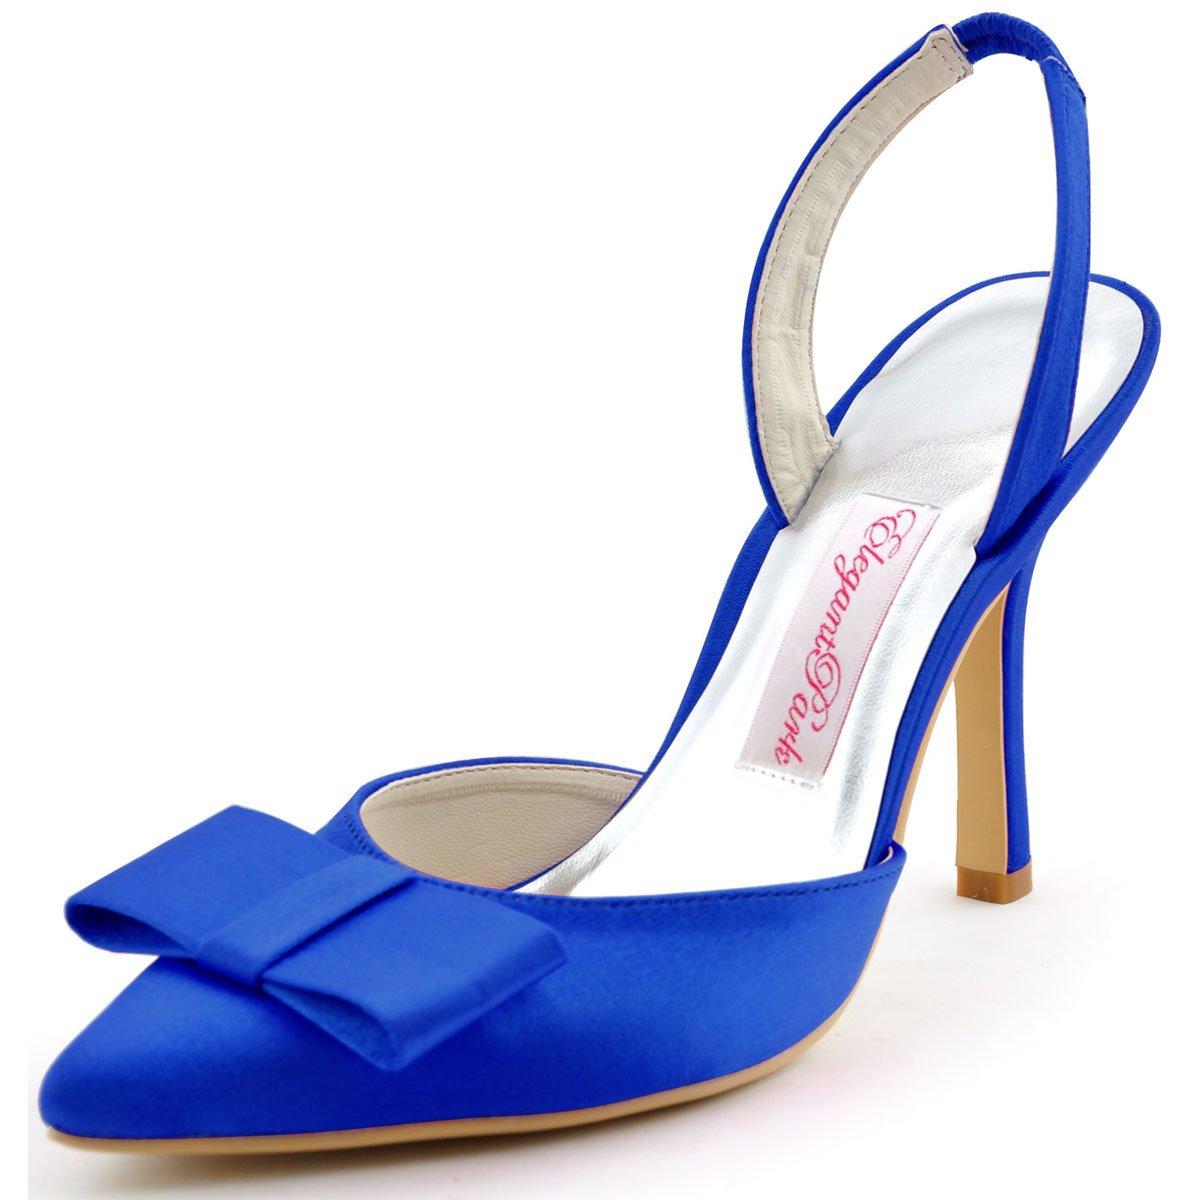 Elegantpark arc Bleu HC1404 bout pointu arc bride arrière Escarpins Femmes Chaussures sandale Satin Chaussures de mariée Bleu 2f98fa1 - boatplans.space